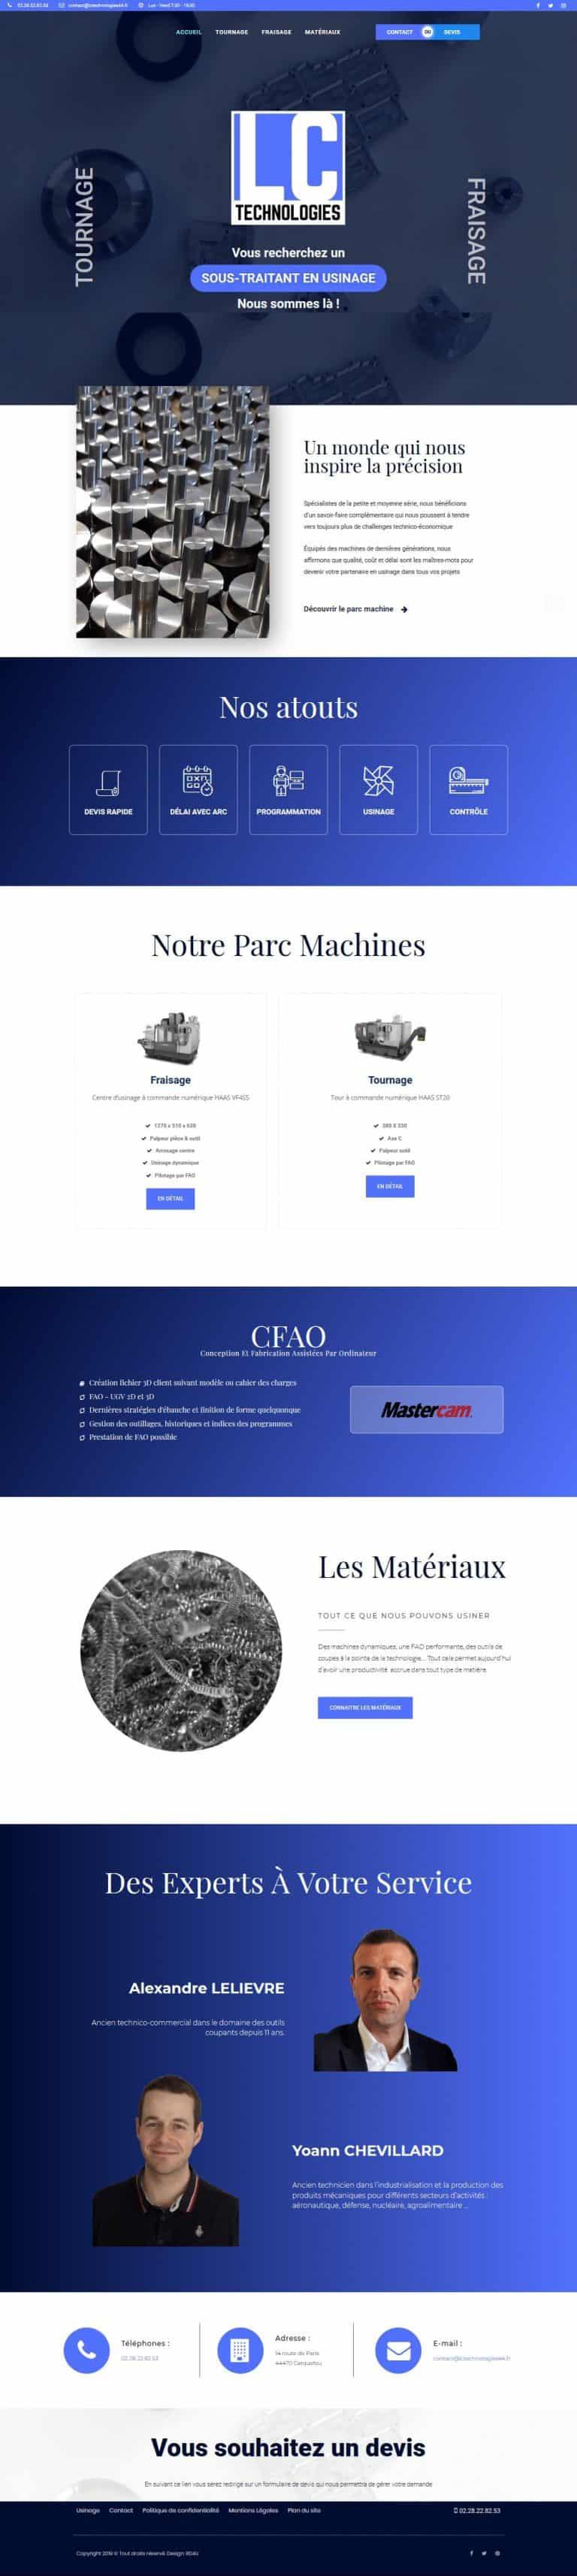 Page d'accueil complète du site internet lctechnologies44.fr en version ordinateur